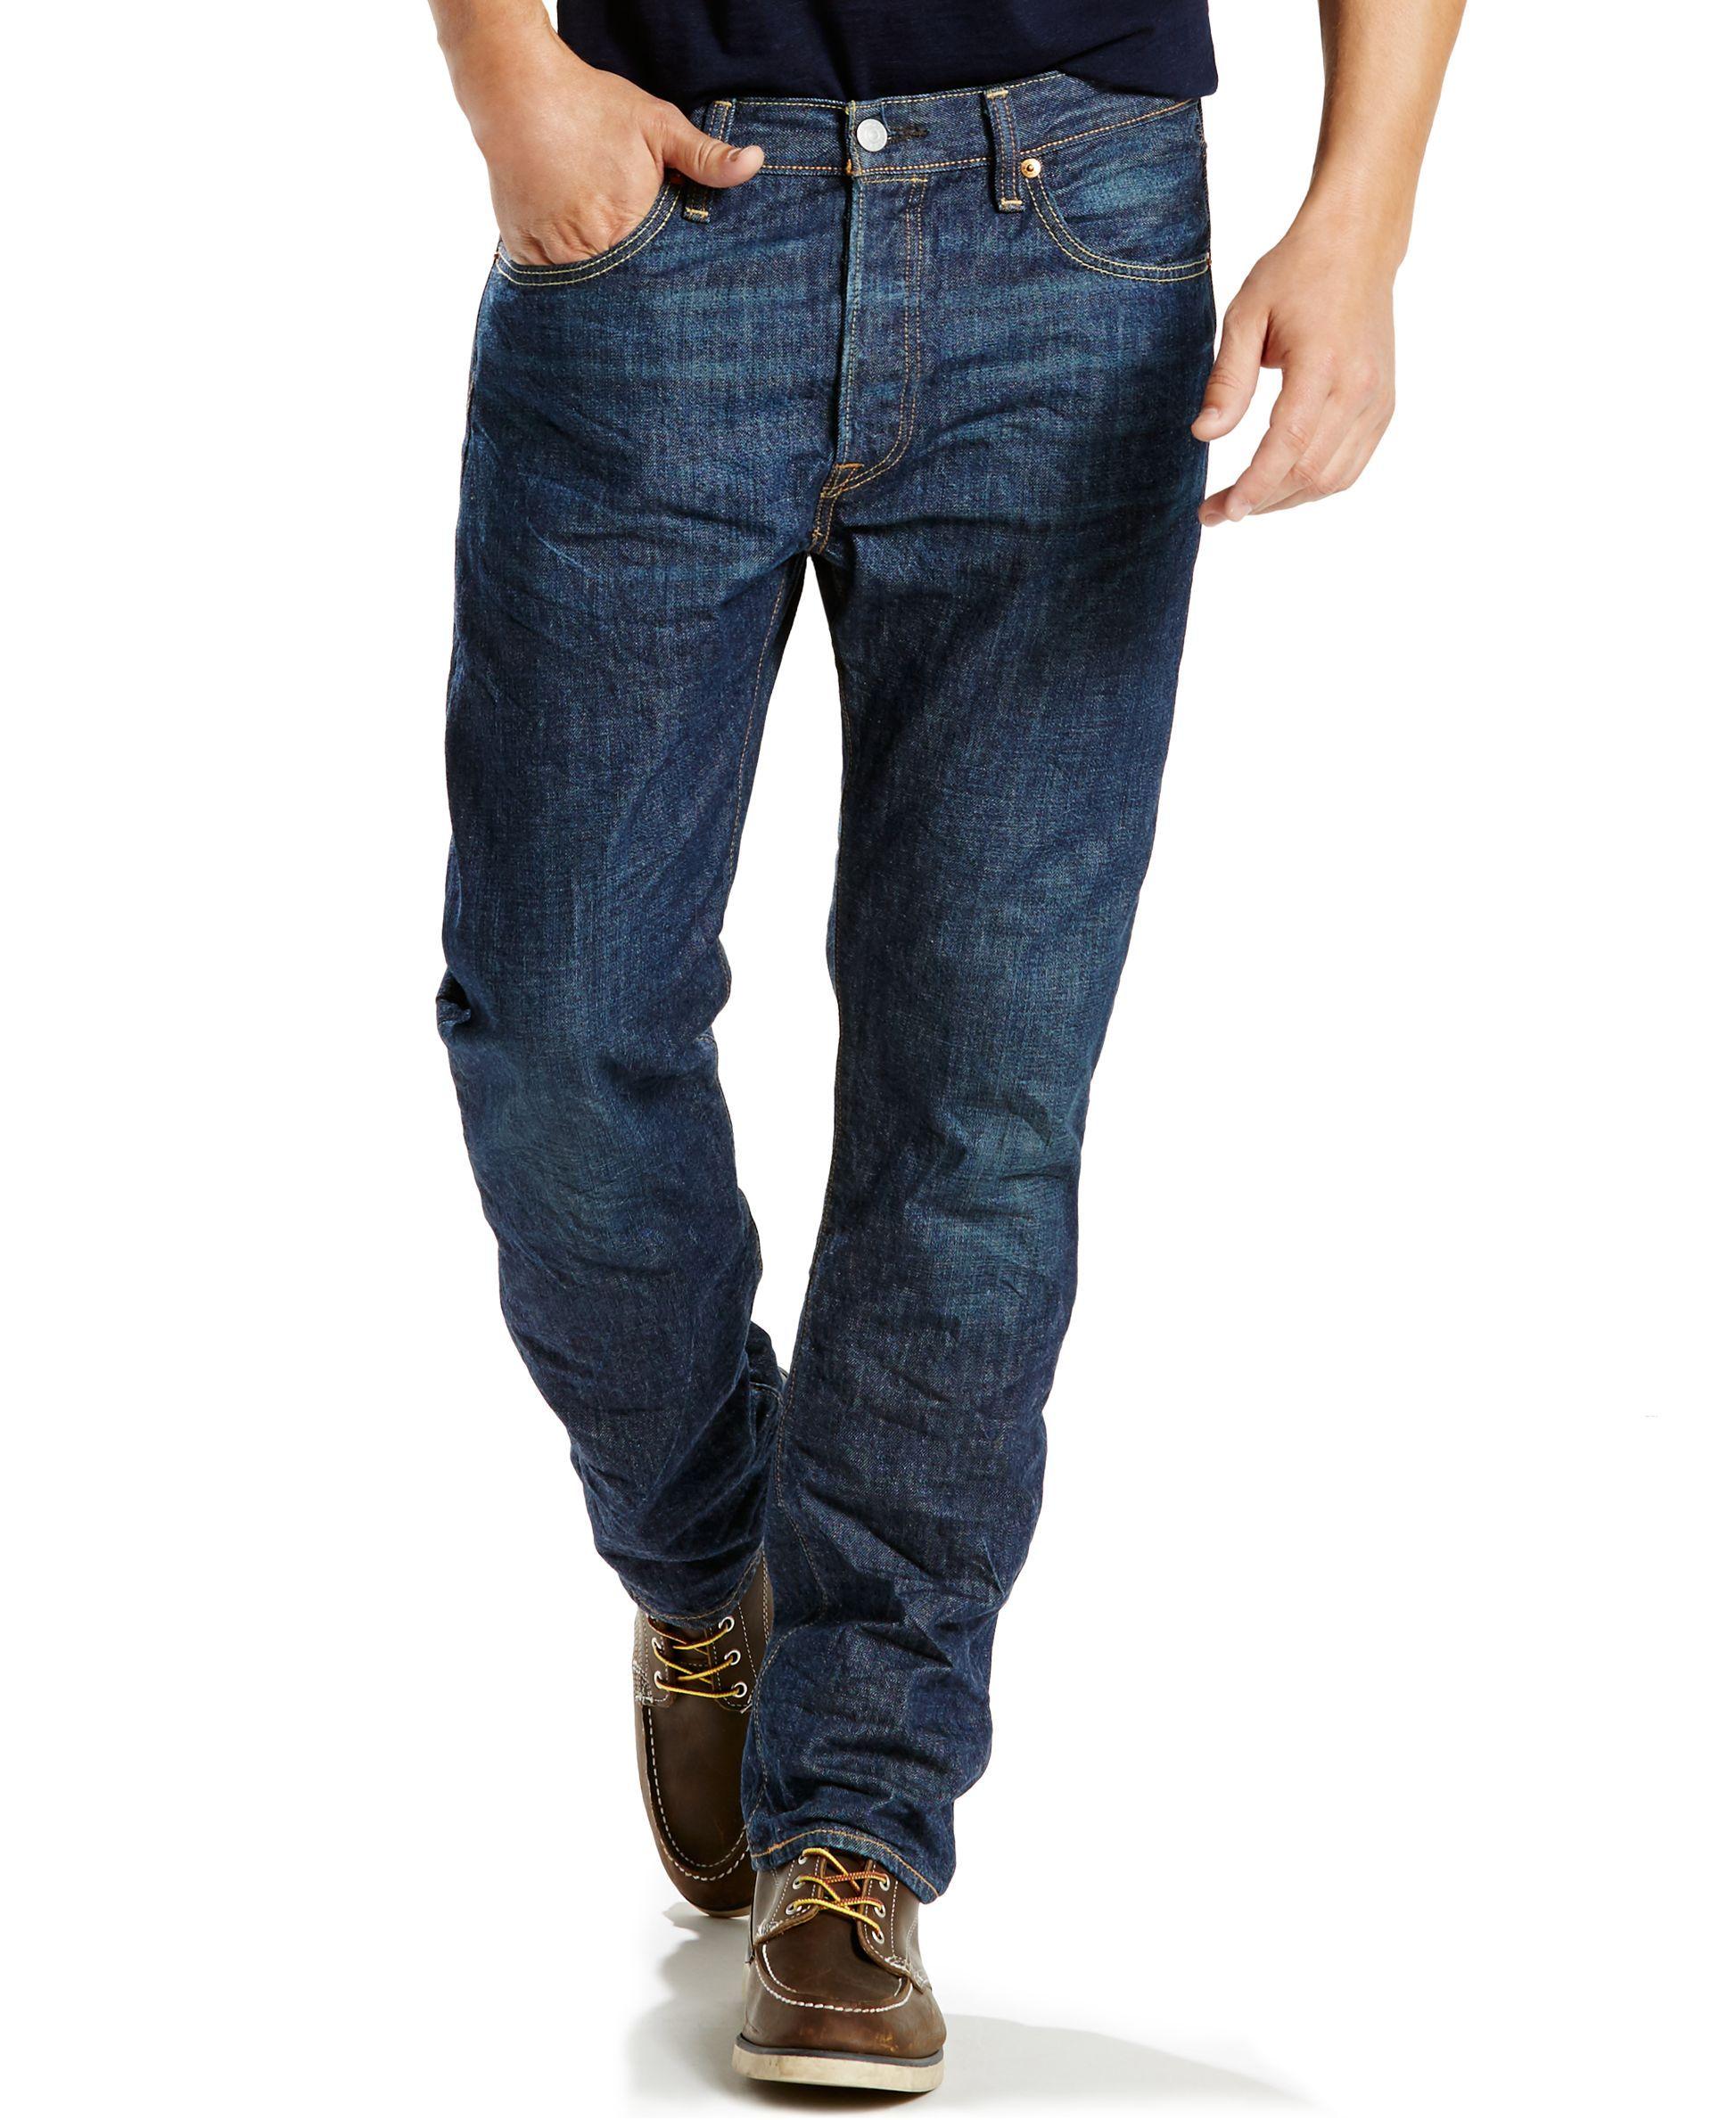 8ef8703d9dd Levi's 501 Original-Fit Just Lived In Wash Lightweight Jeans ...